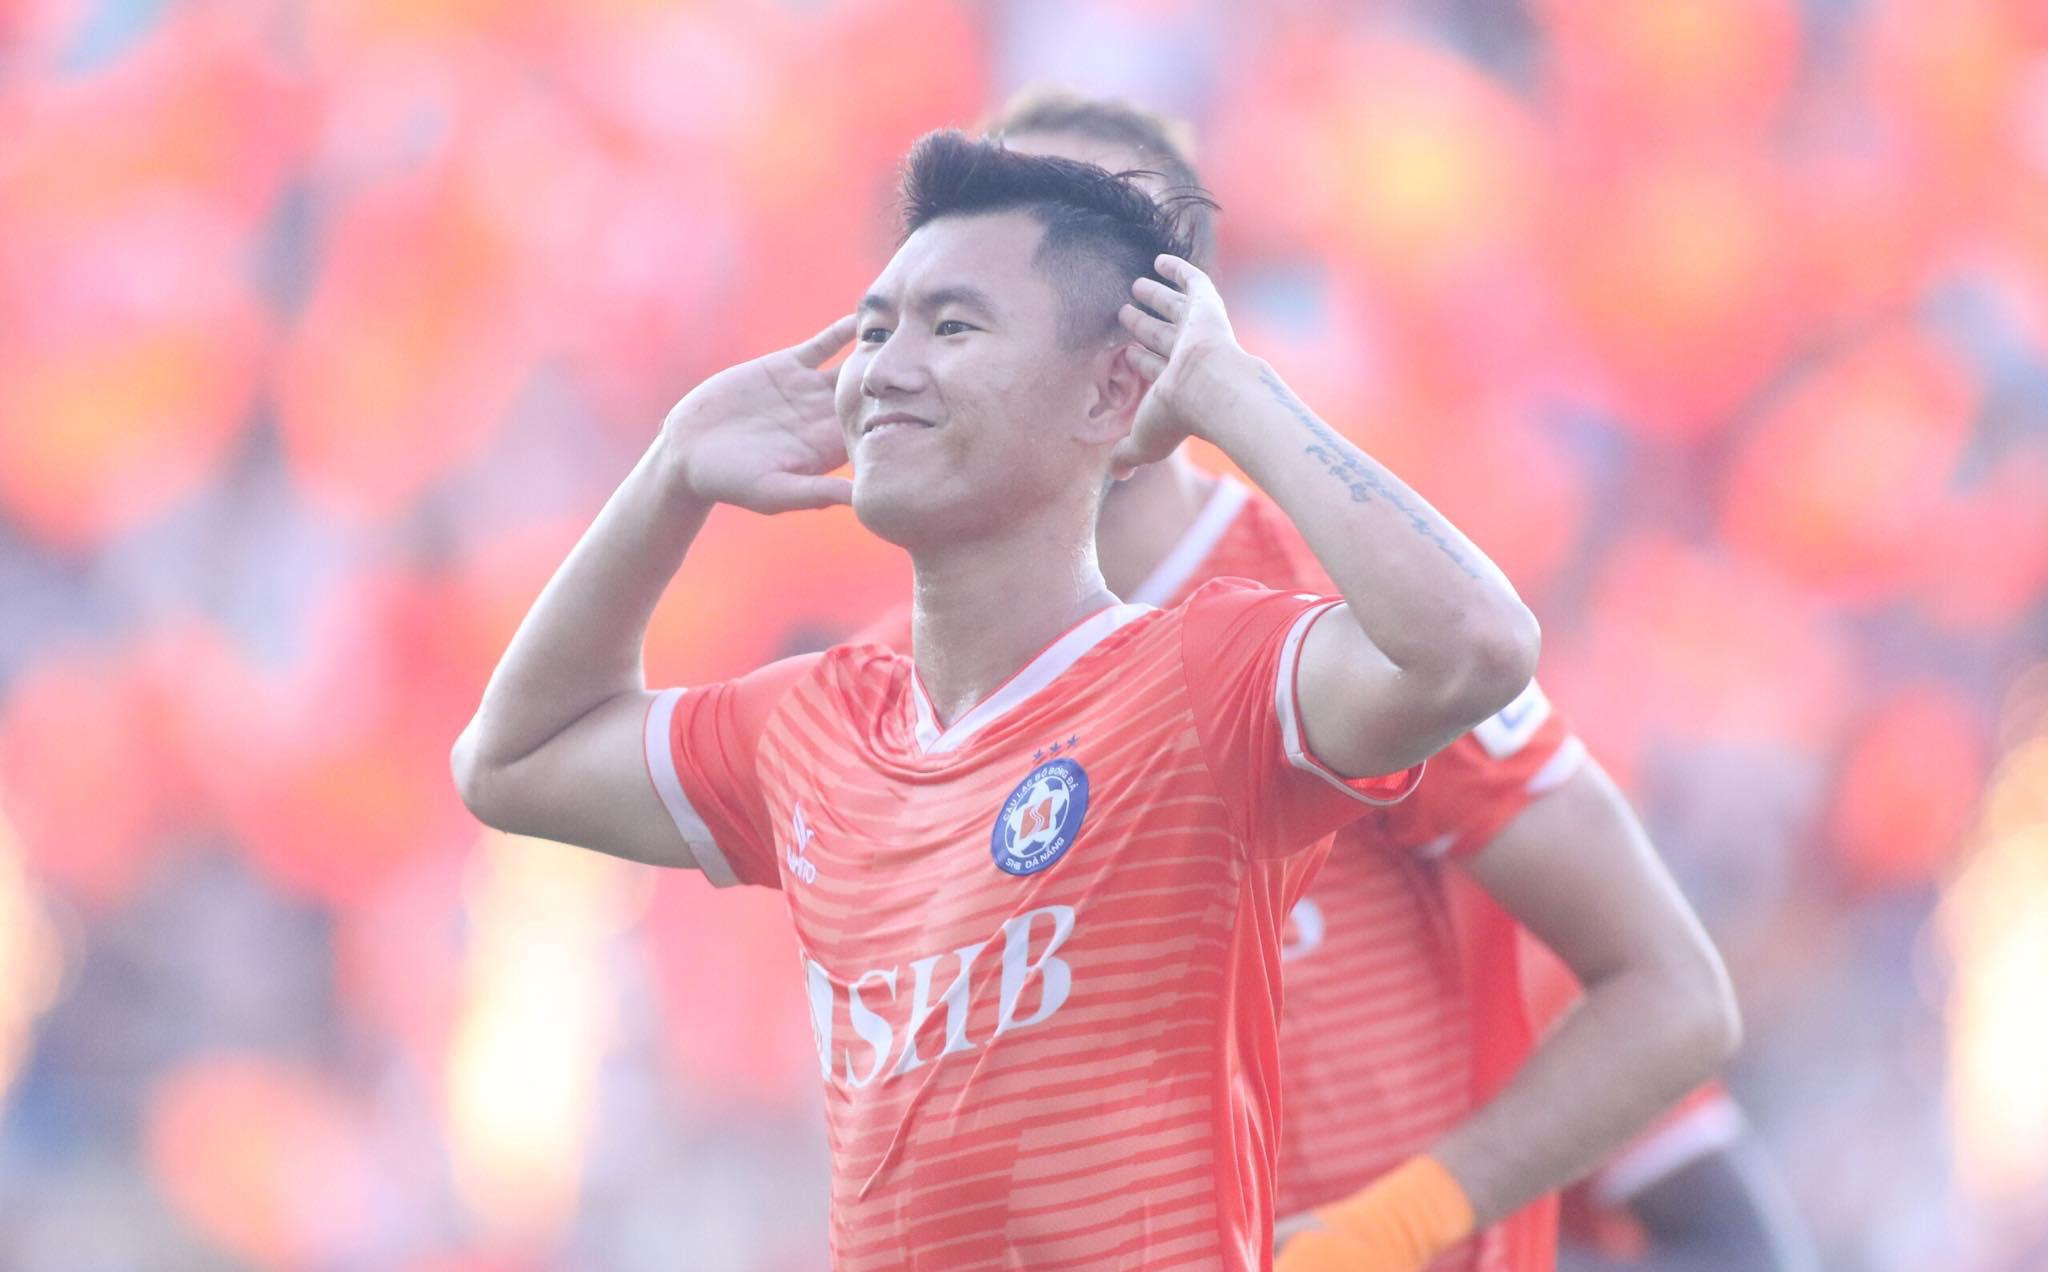 TRỰC TIẾP Đà Nẵng 1-1 Hà Nội: Quang Hải vắng mặt, ngôi sao mới làm nức lòng thầy Park